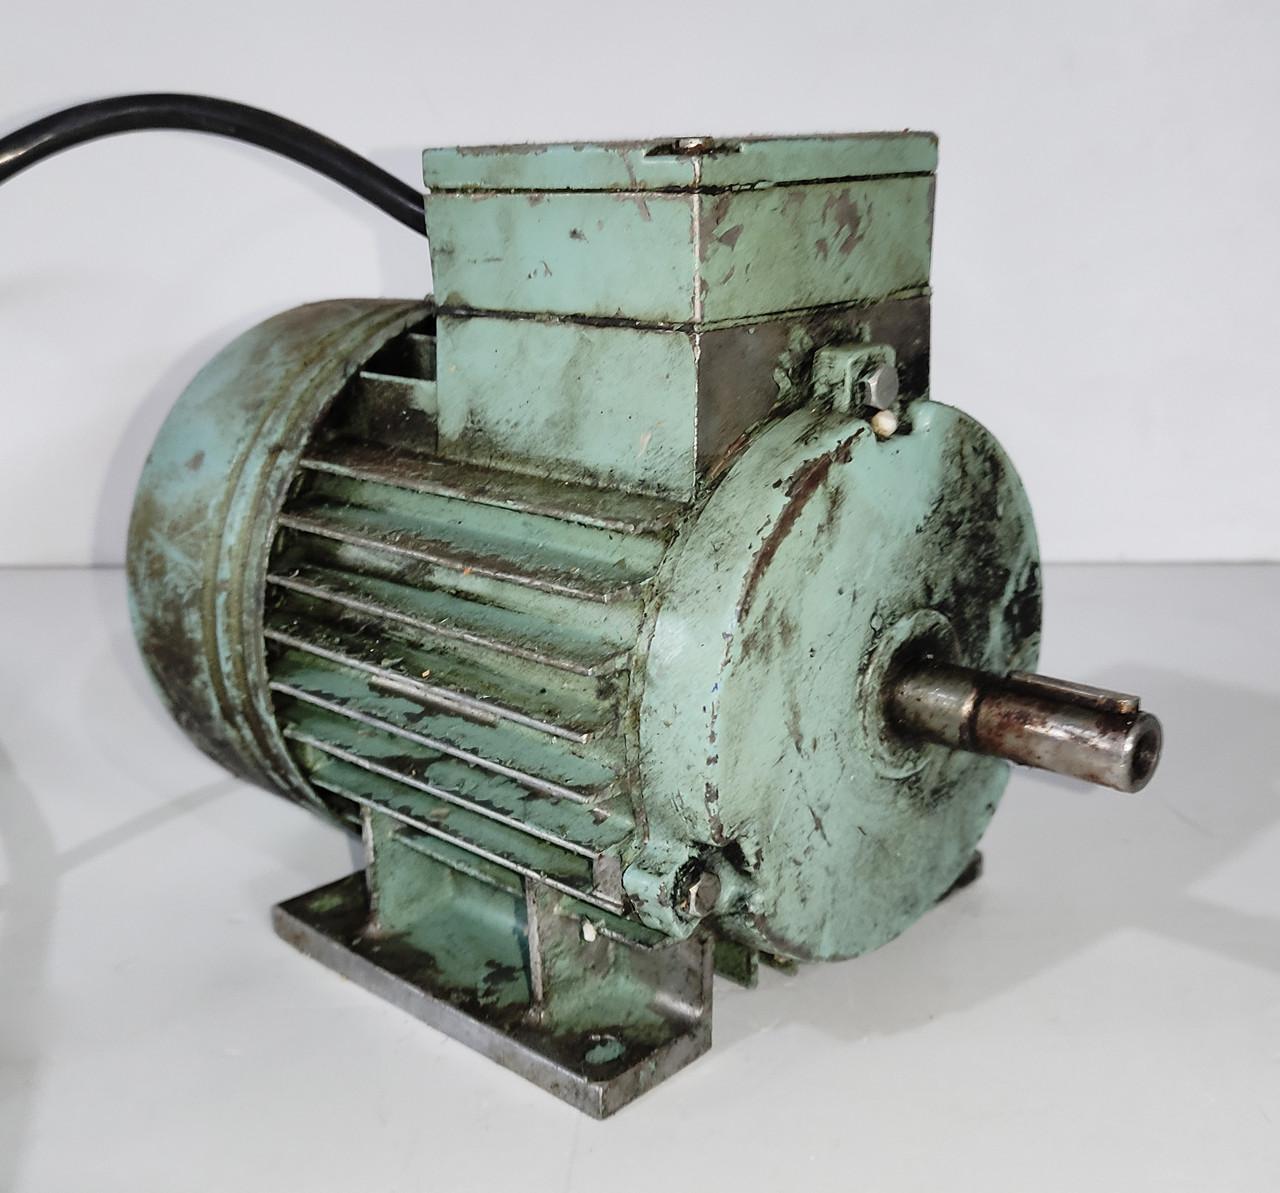 Б/У Электродвигатель Mez Mohelnice тип 3AP71-2. Асинхронный электродвигатель Mez Mohelnice 550Вт 2820 об / мин